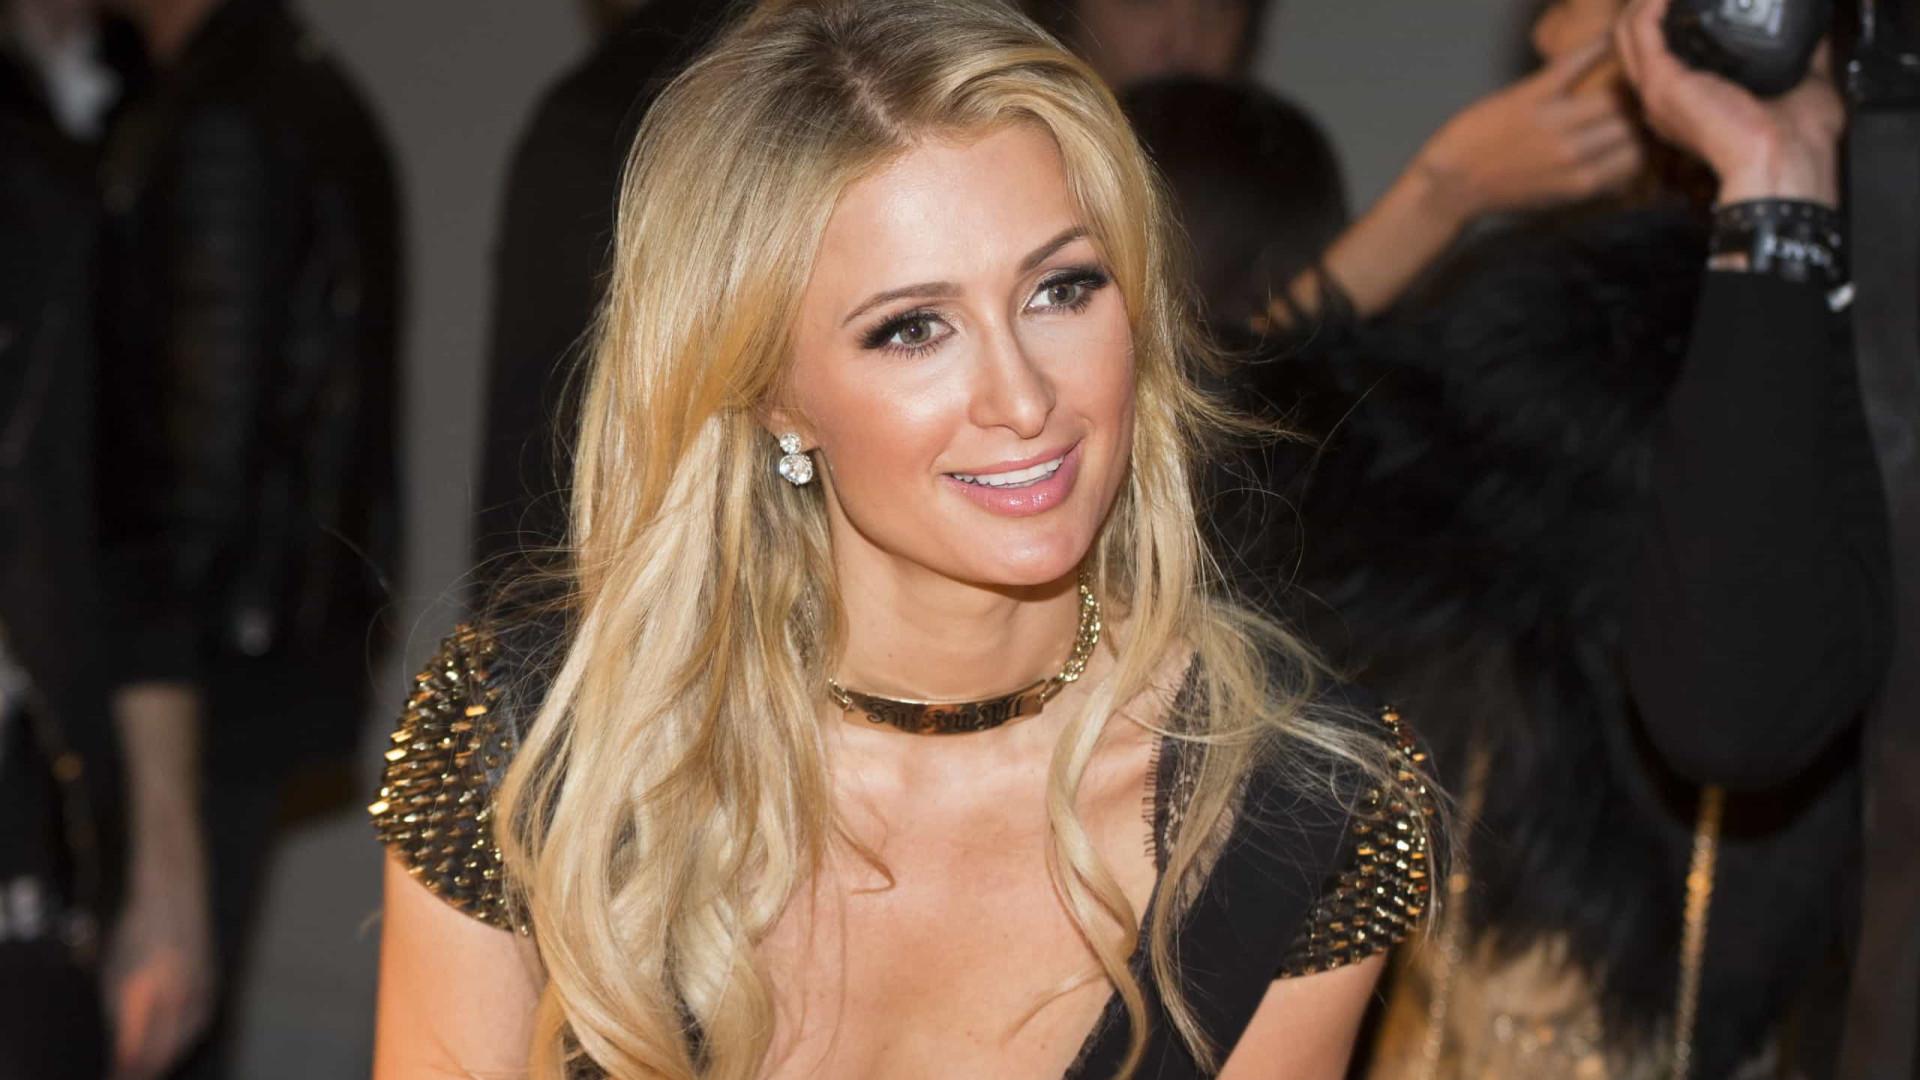 """Paris Hilton mostra fotos após sofrer abusos: """"Posso ver a dor no olhar"""""""